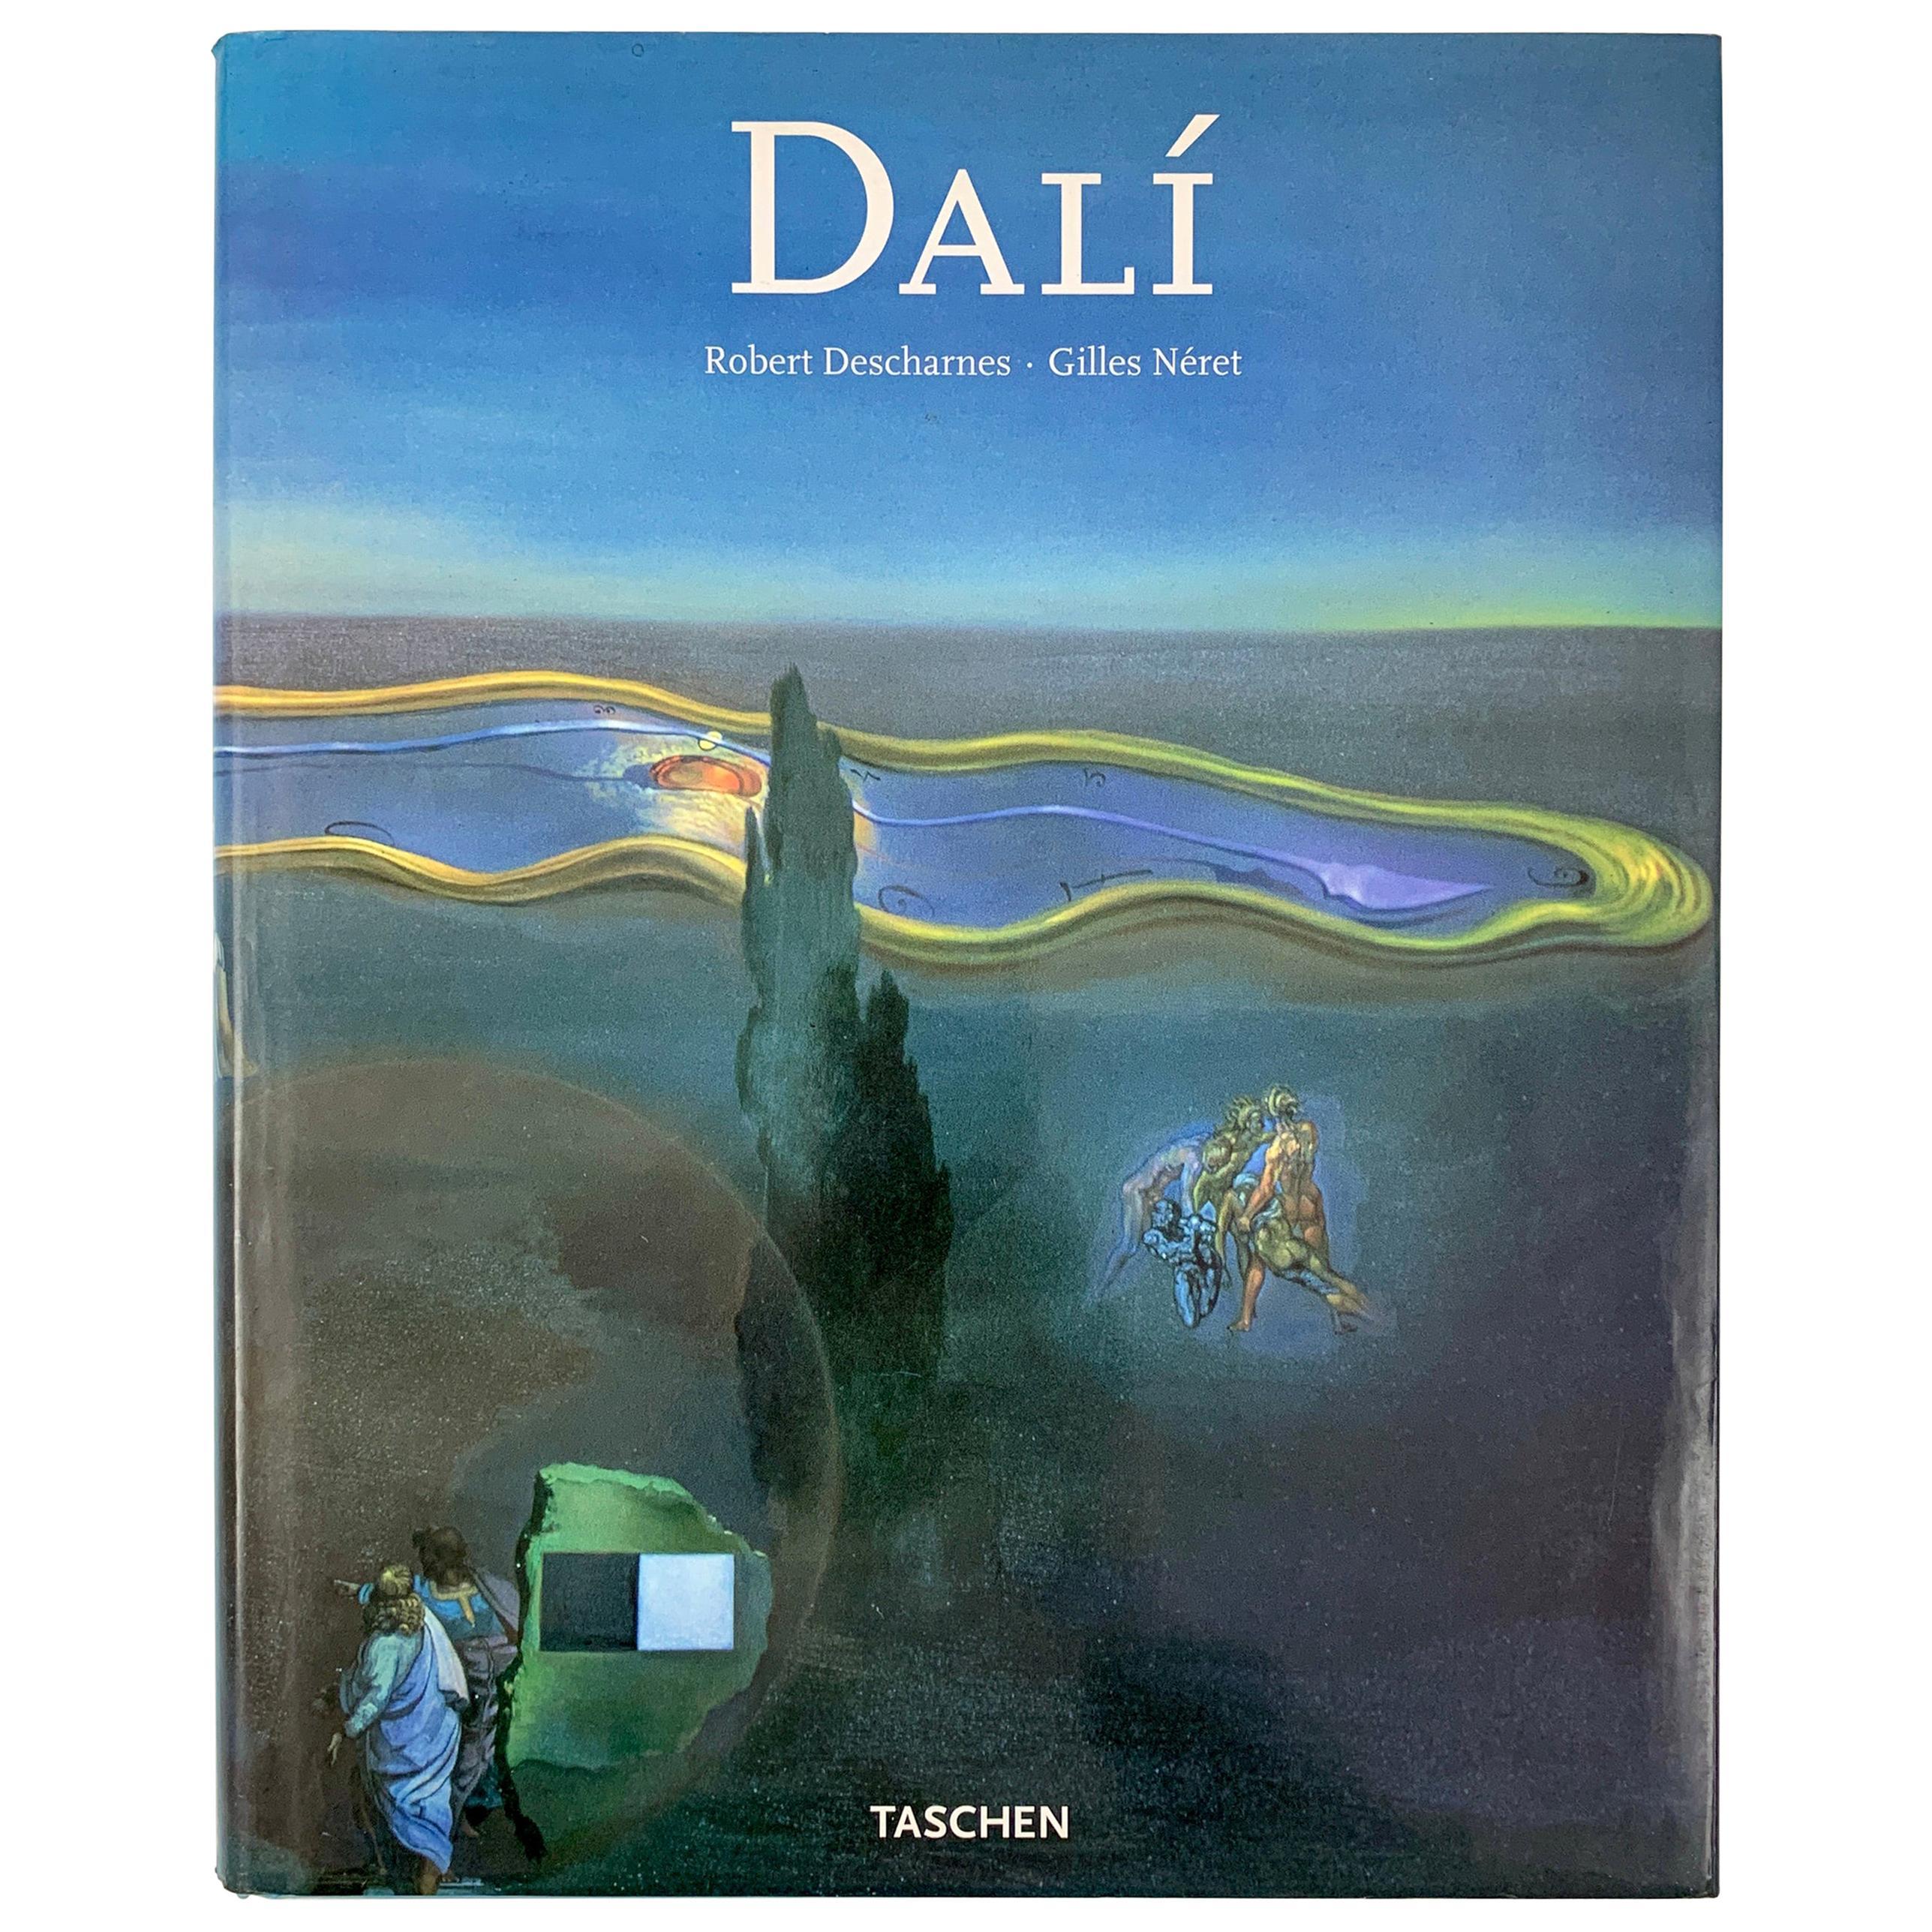 Salvador Dalí Art Book by Robert Descharnes and Gilles Néret, Taschen Press